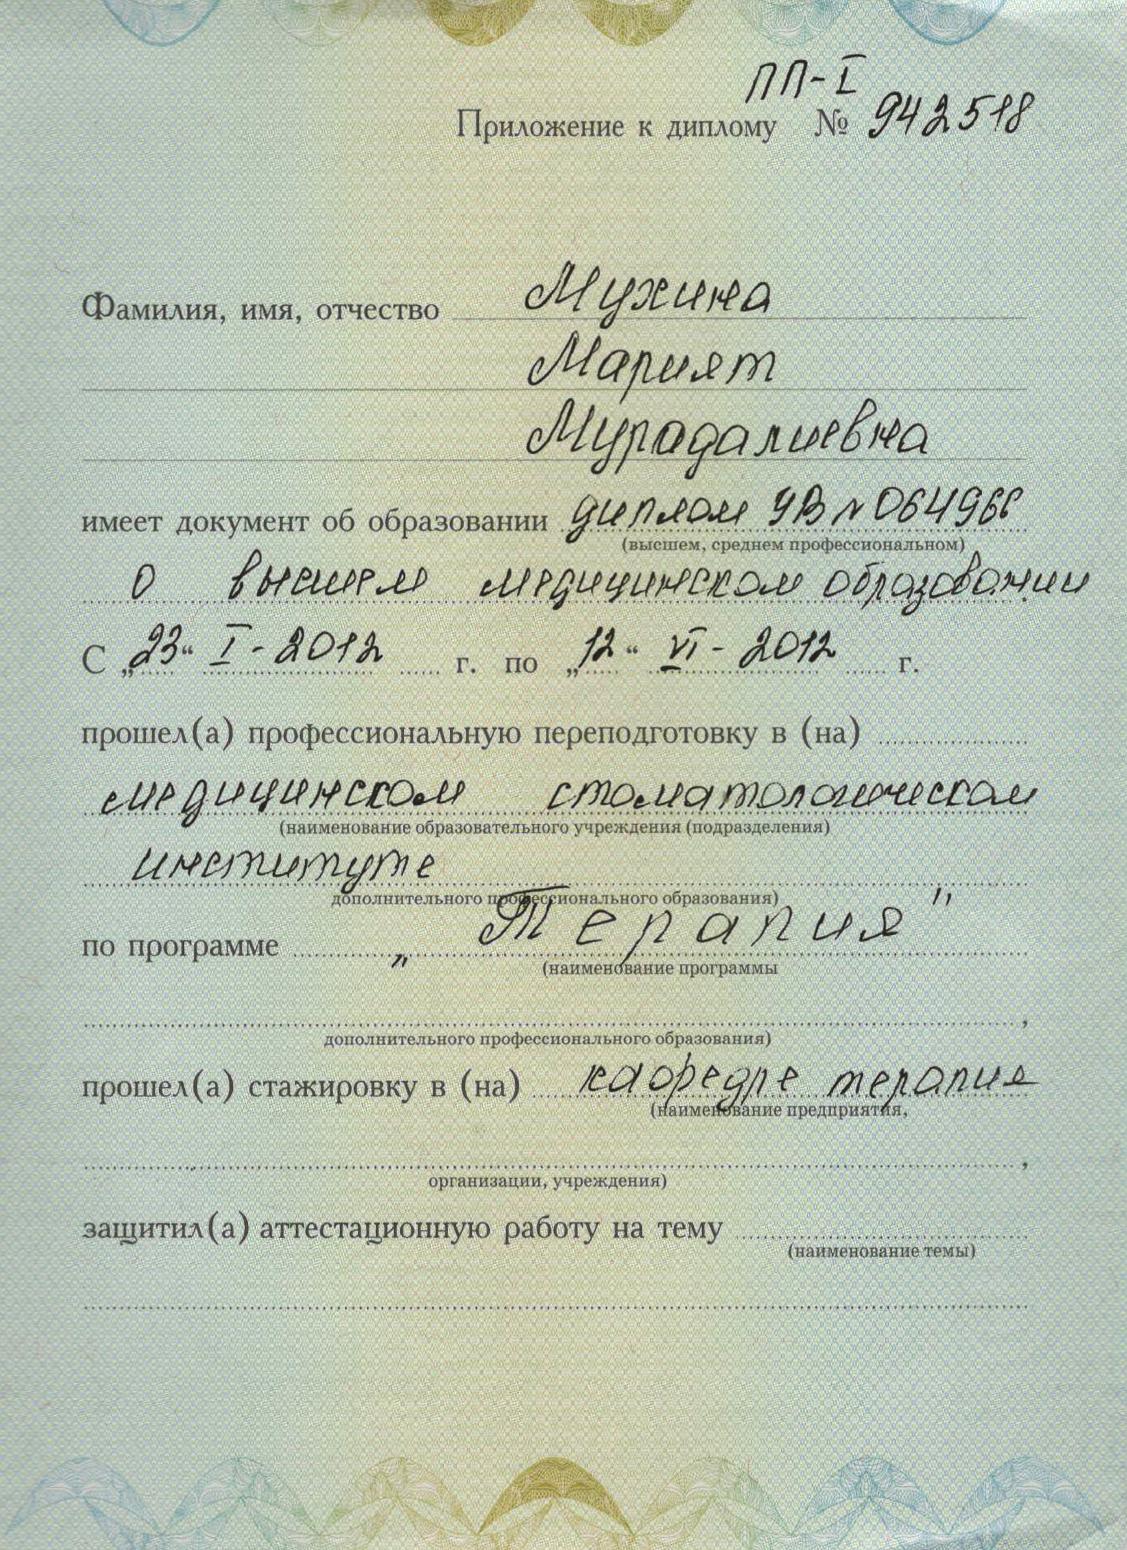 Мухина Марият Мурадалиевна посмотреть документ